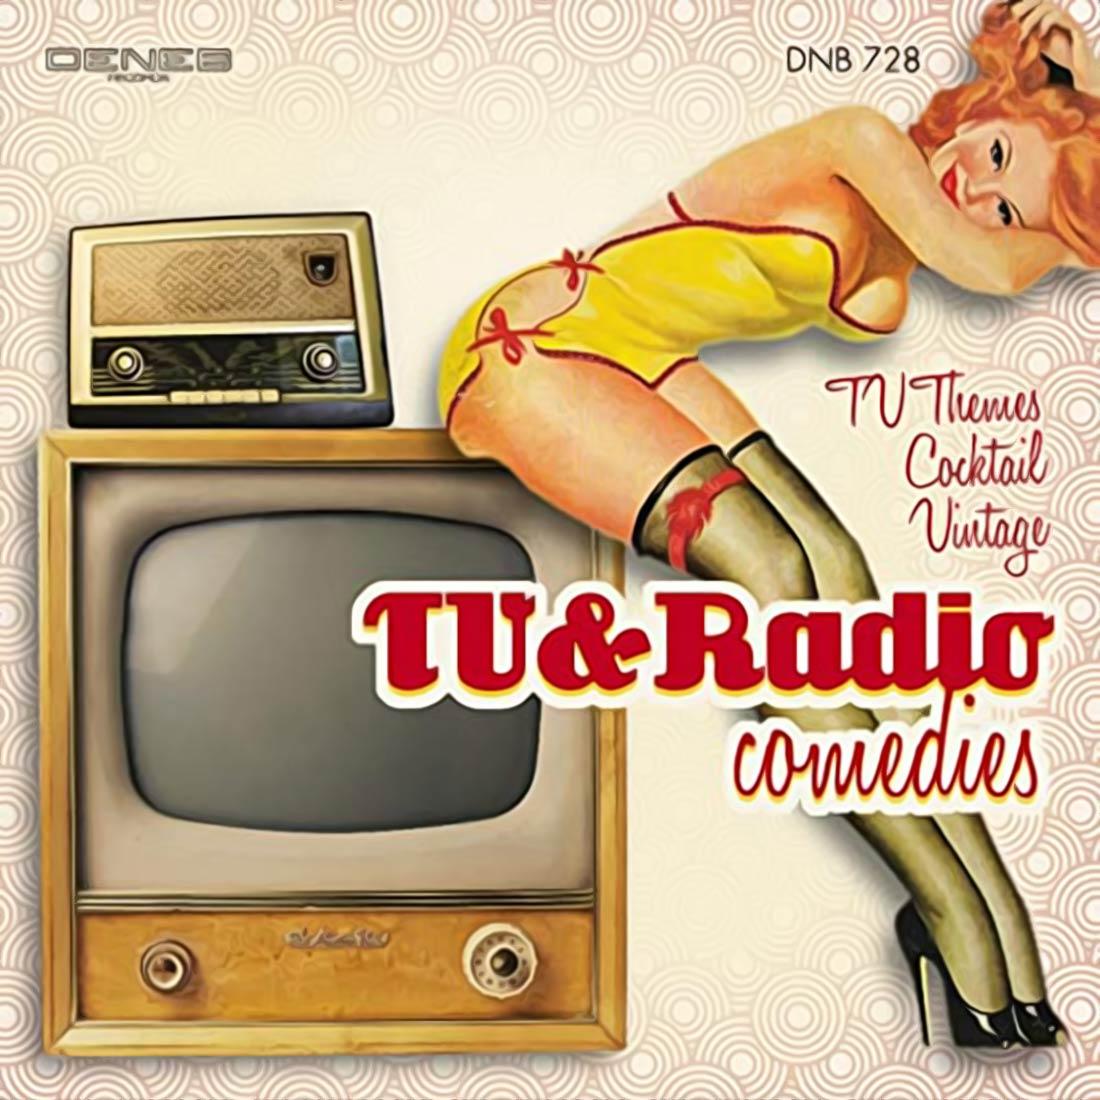 Tv & Radio Comedies - di Vadalà